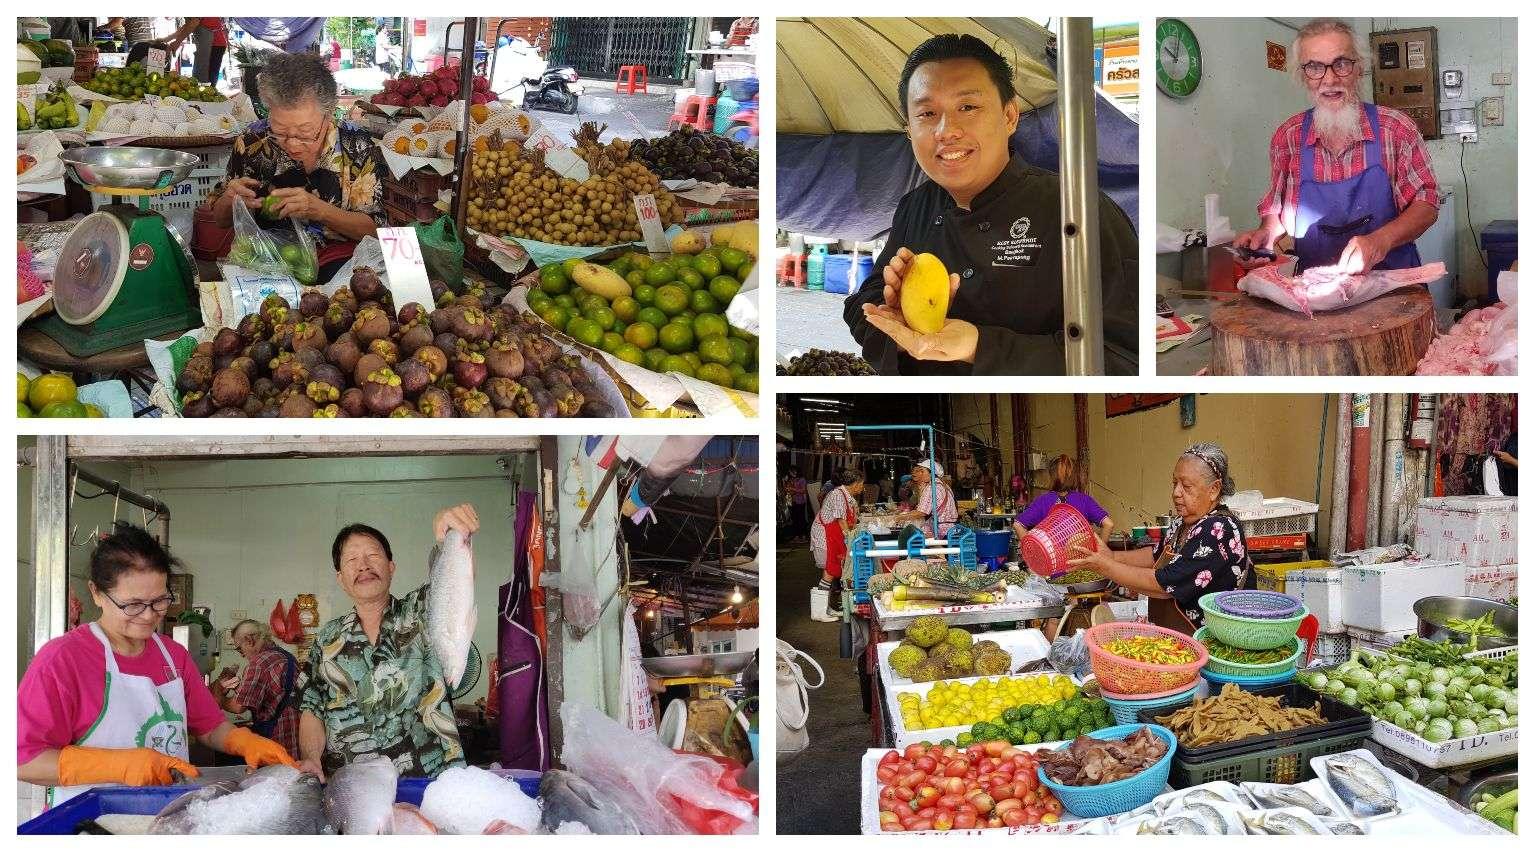 ingredienten kopen voor de kooklessen op Bang Rak Market in Bangkok